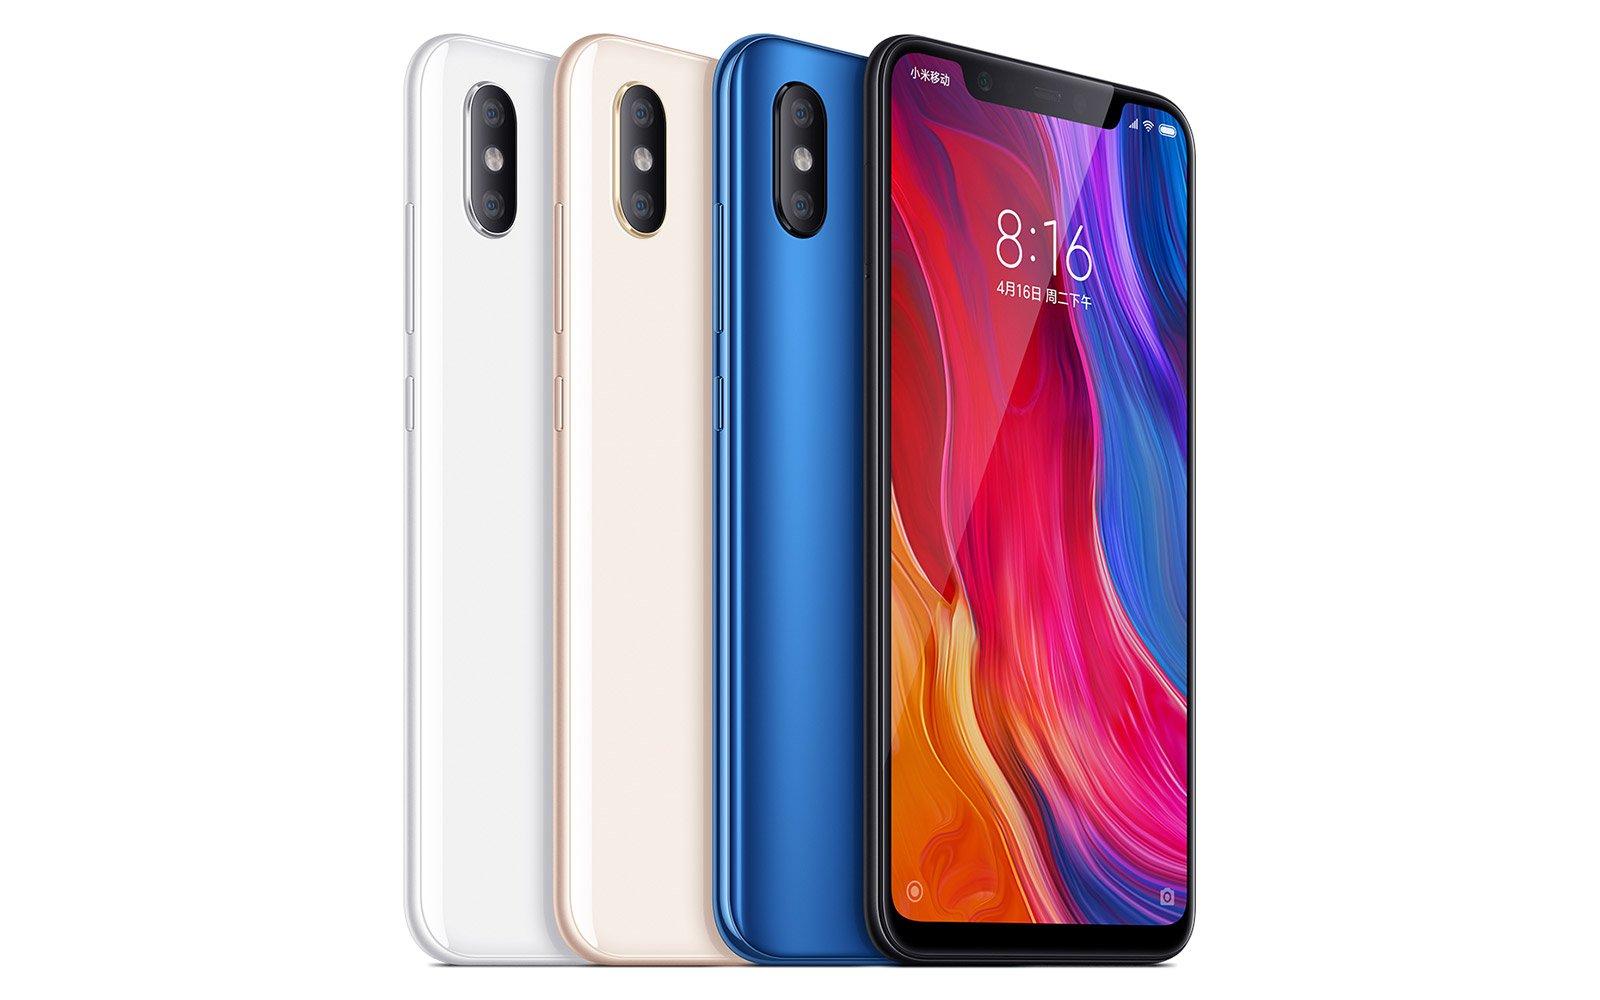 Yeni Xiaomi Mi 8, Saydam Gövdeyle Geldi